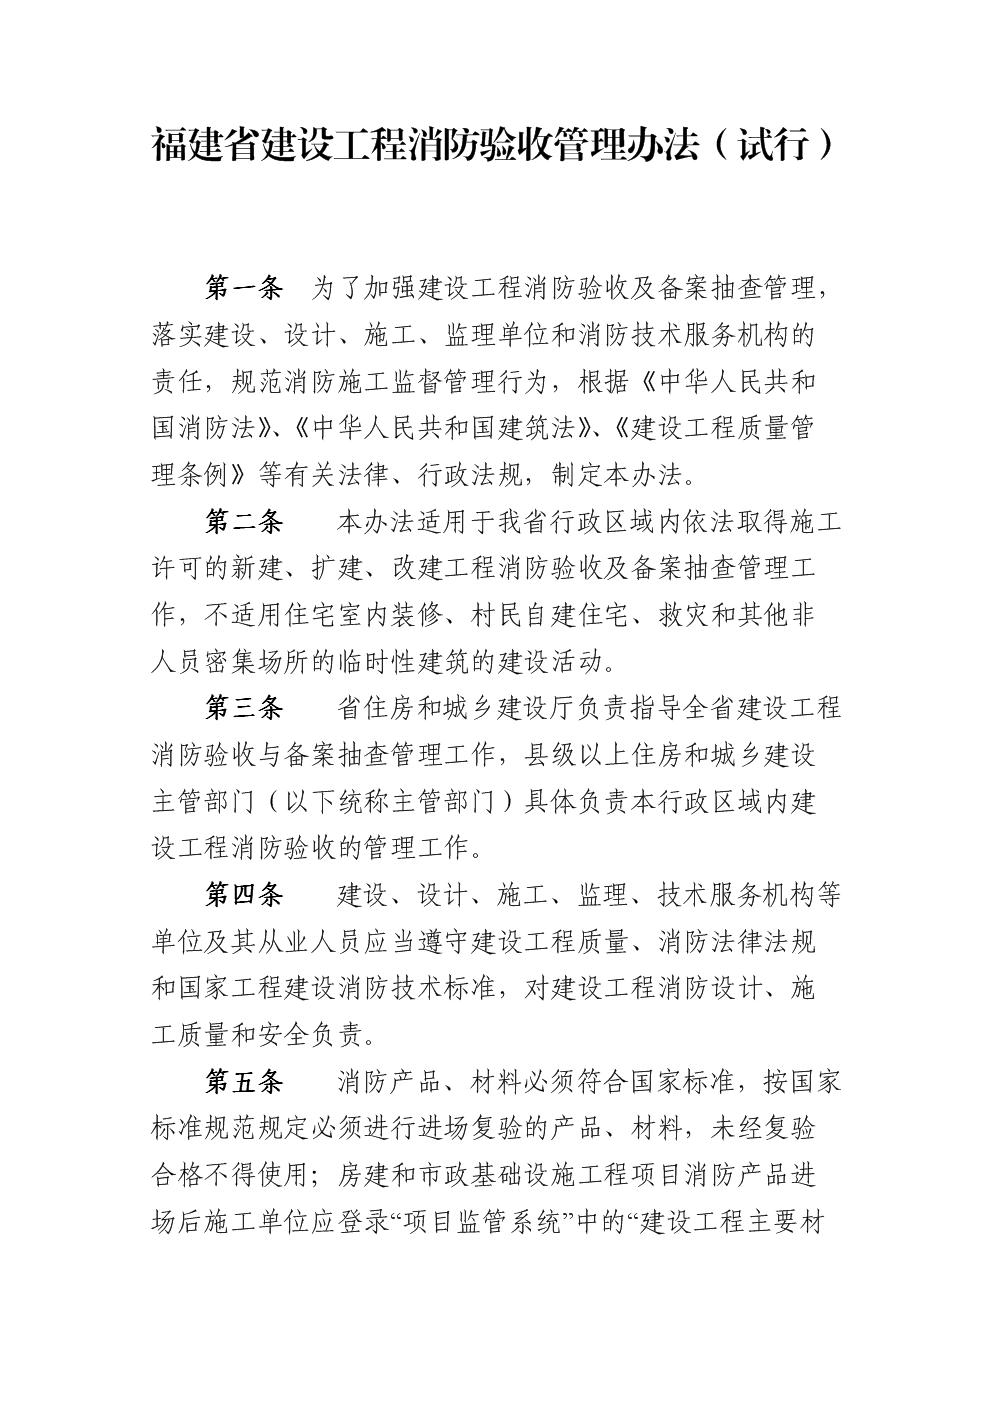 福建省建设工程消防验收管理办法(试行).docx